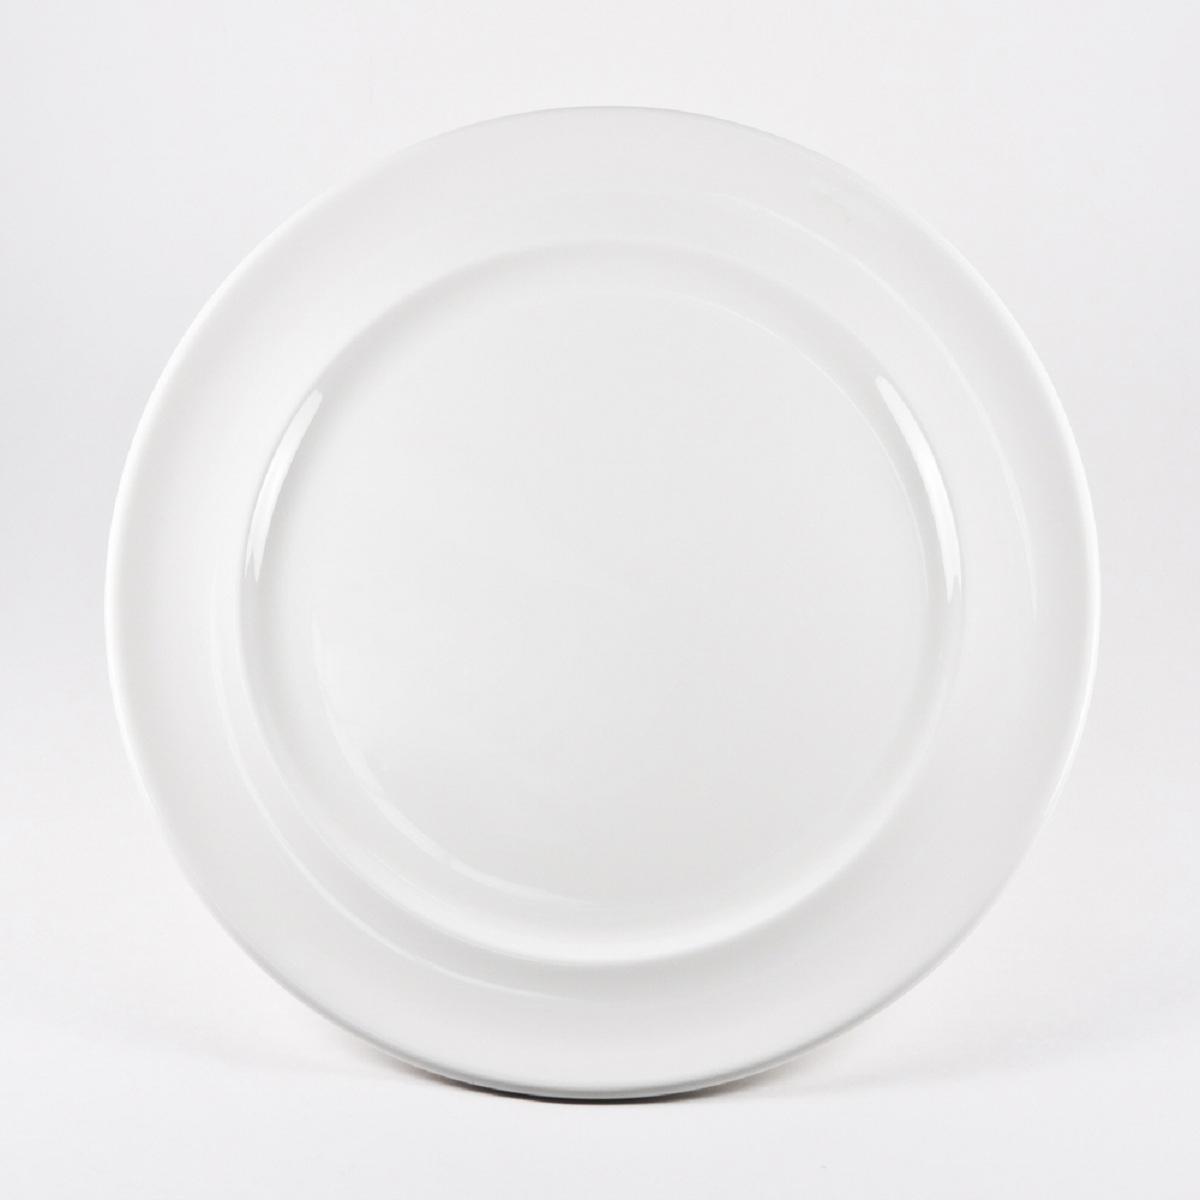 Тарелка Royal Porcelain Максадьюра, диаметр 31,5 смРП-8508ROYAL новый уникальный продукт на рынке фарфора производится из материала, в состав которого входит алюминиум (глинозем) в виде порошка, что придаёт фарфору уникальные свойства: белоснежный цвет, как на поверхности, так и на изломе, более тонкие и изящные формы, так как добавление металла делает фарфоровую массу более пластичной, устойчивость к сколам и царапинам. Возможный перепад температур при эксплуатации до 200 градусов! Фарфор покрывается глазурью, что характеризует эту посуду как продукт высшего класса. Идеально подходит для использования в микроволновой печи и посудомоечной машине